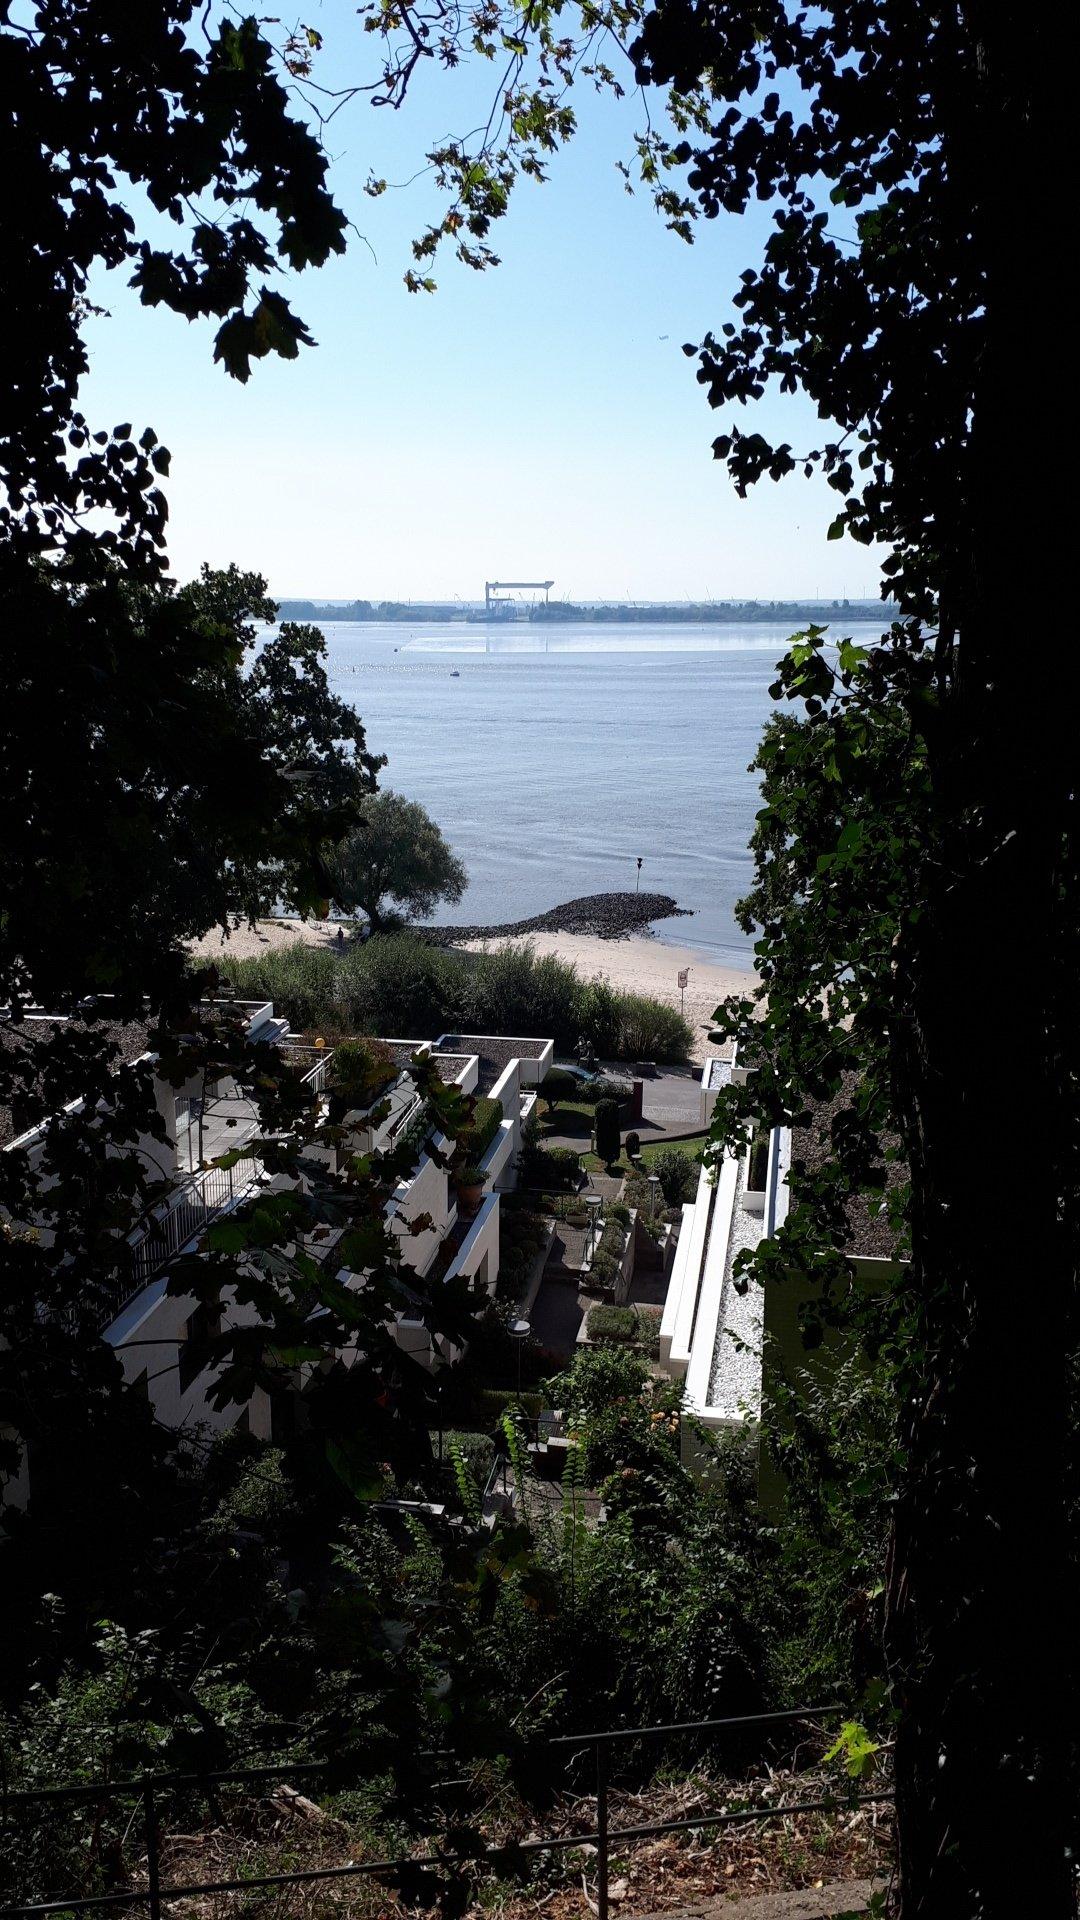 vue sur l'elbe paysage allemand plage calme bâtiments villa quartier chic